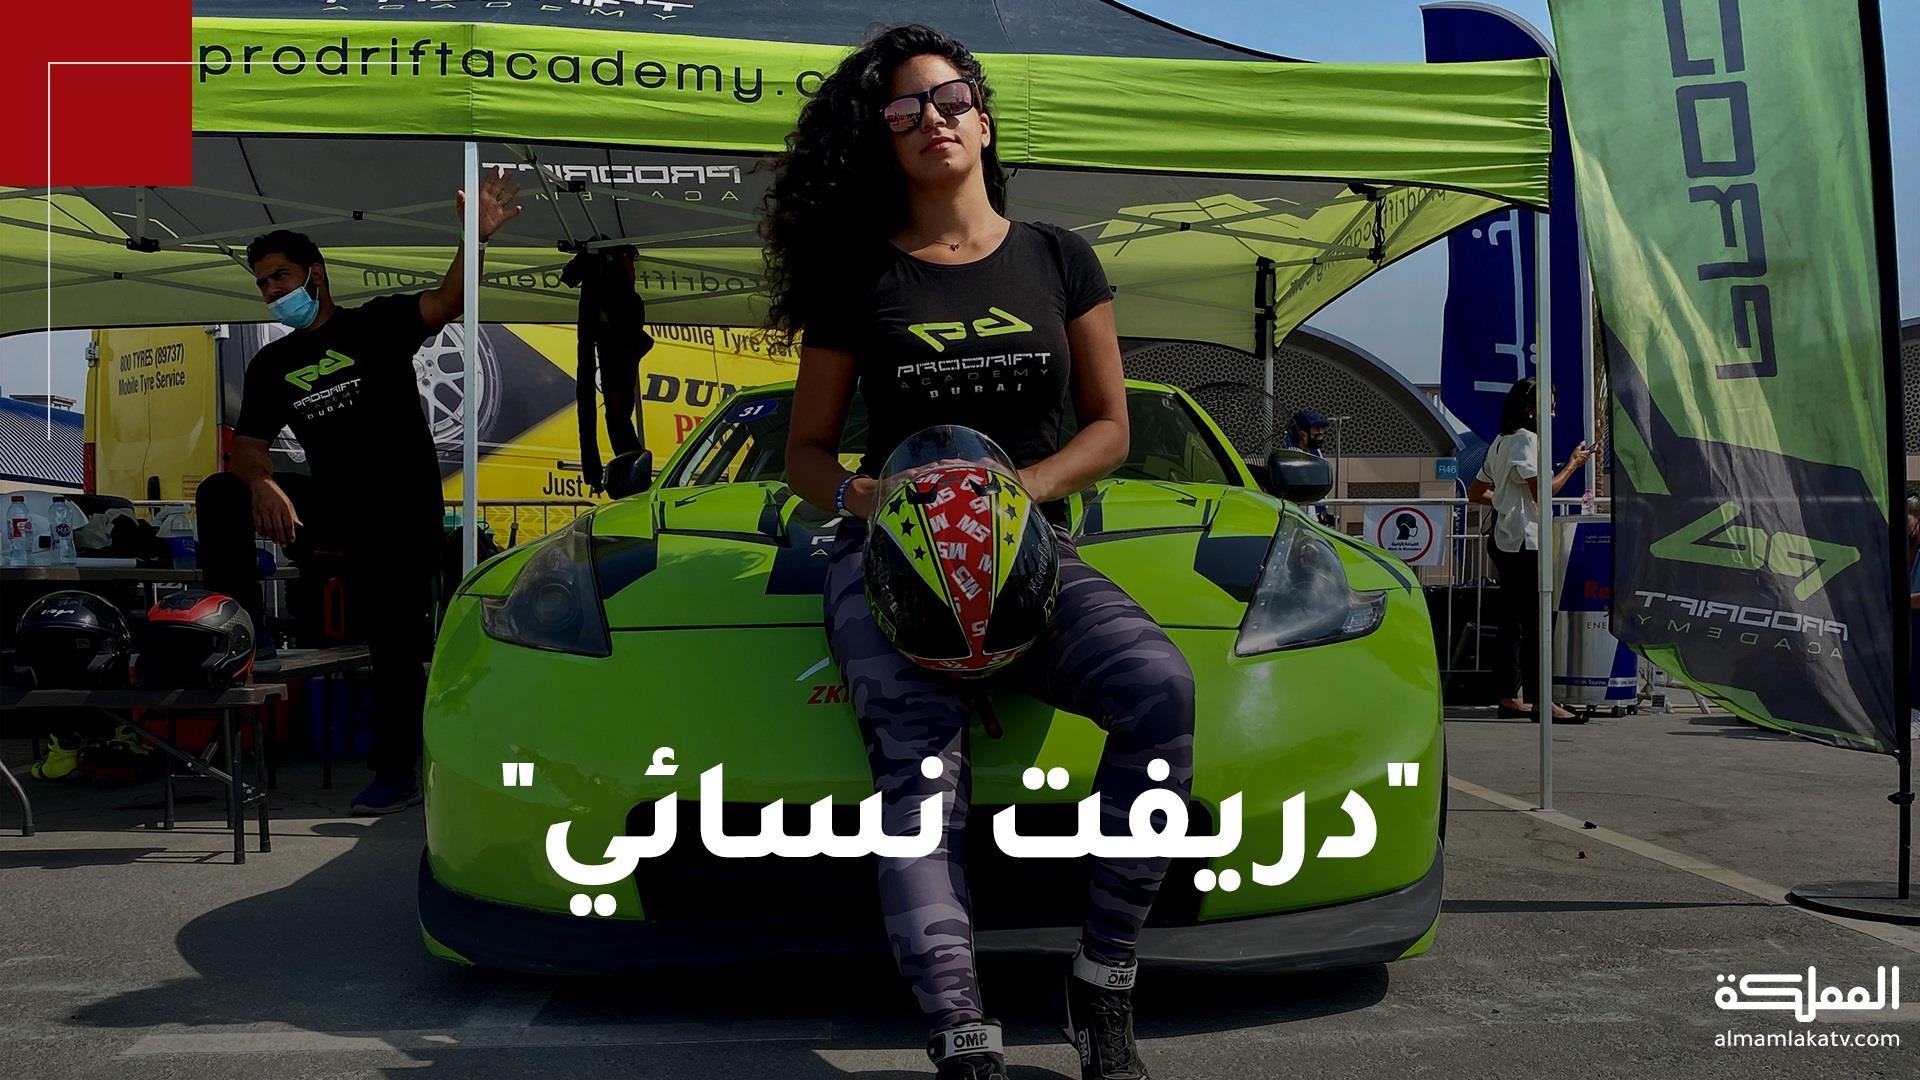 فلسطينية تهوى السرعة.. تحصد ألقابا في سباقات السيارات الخطرة